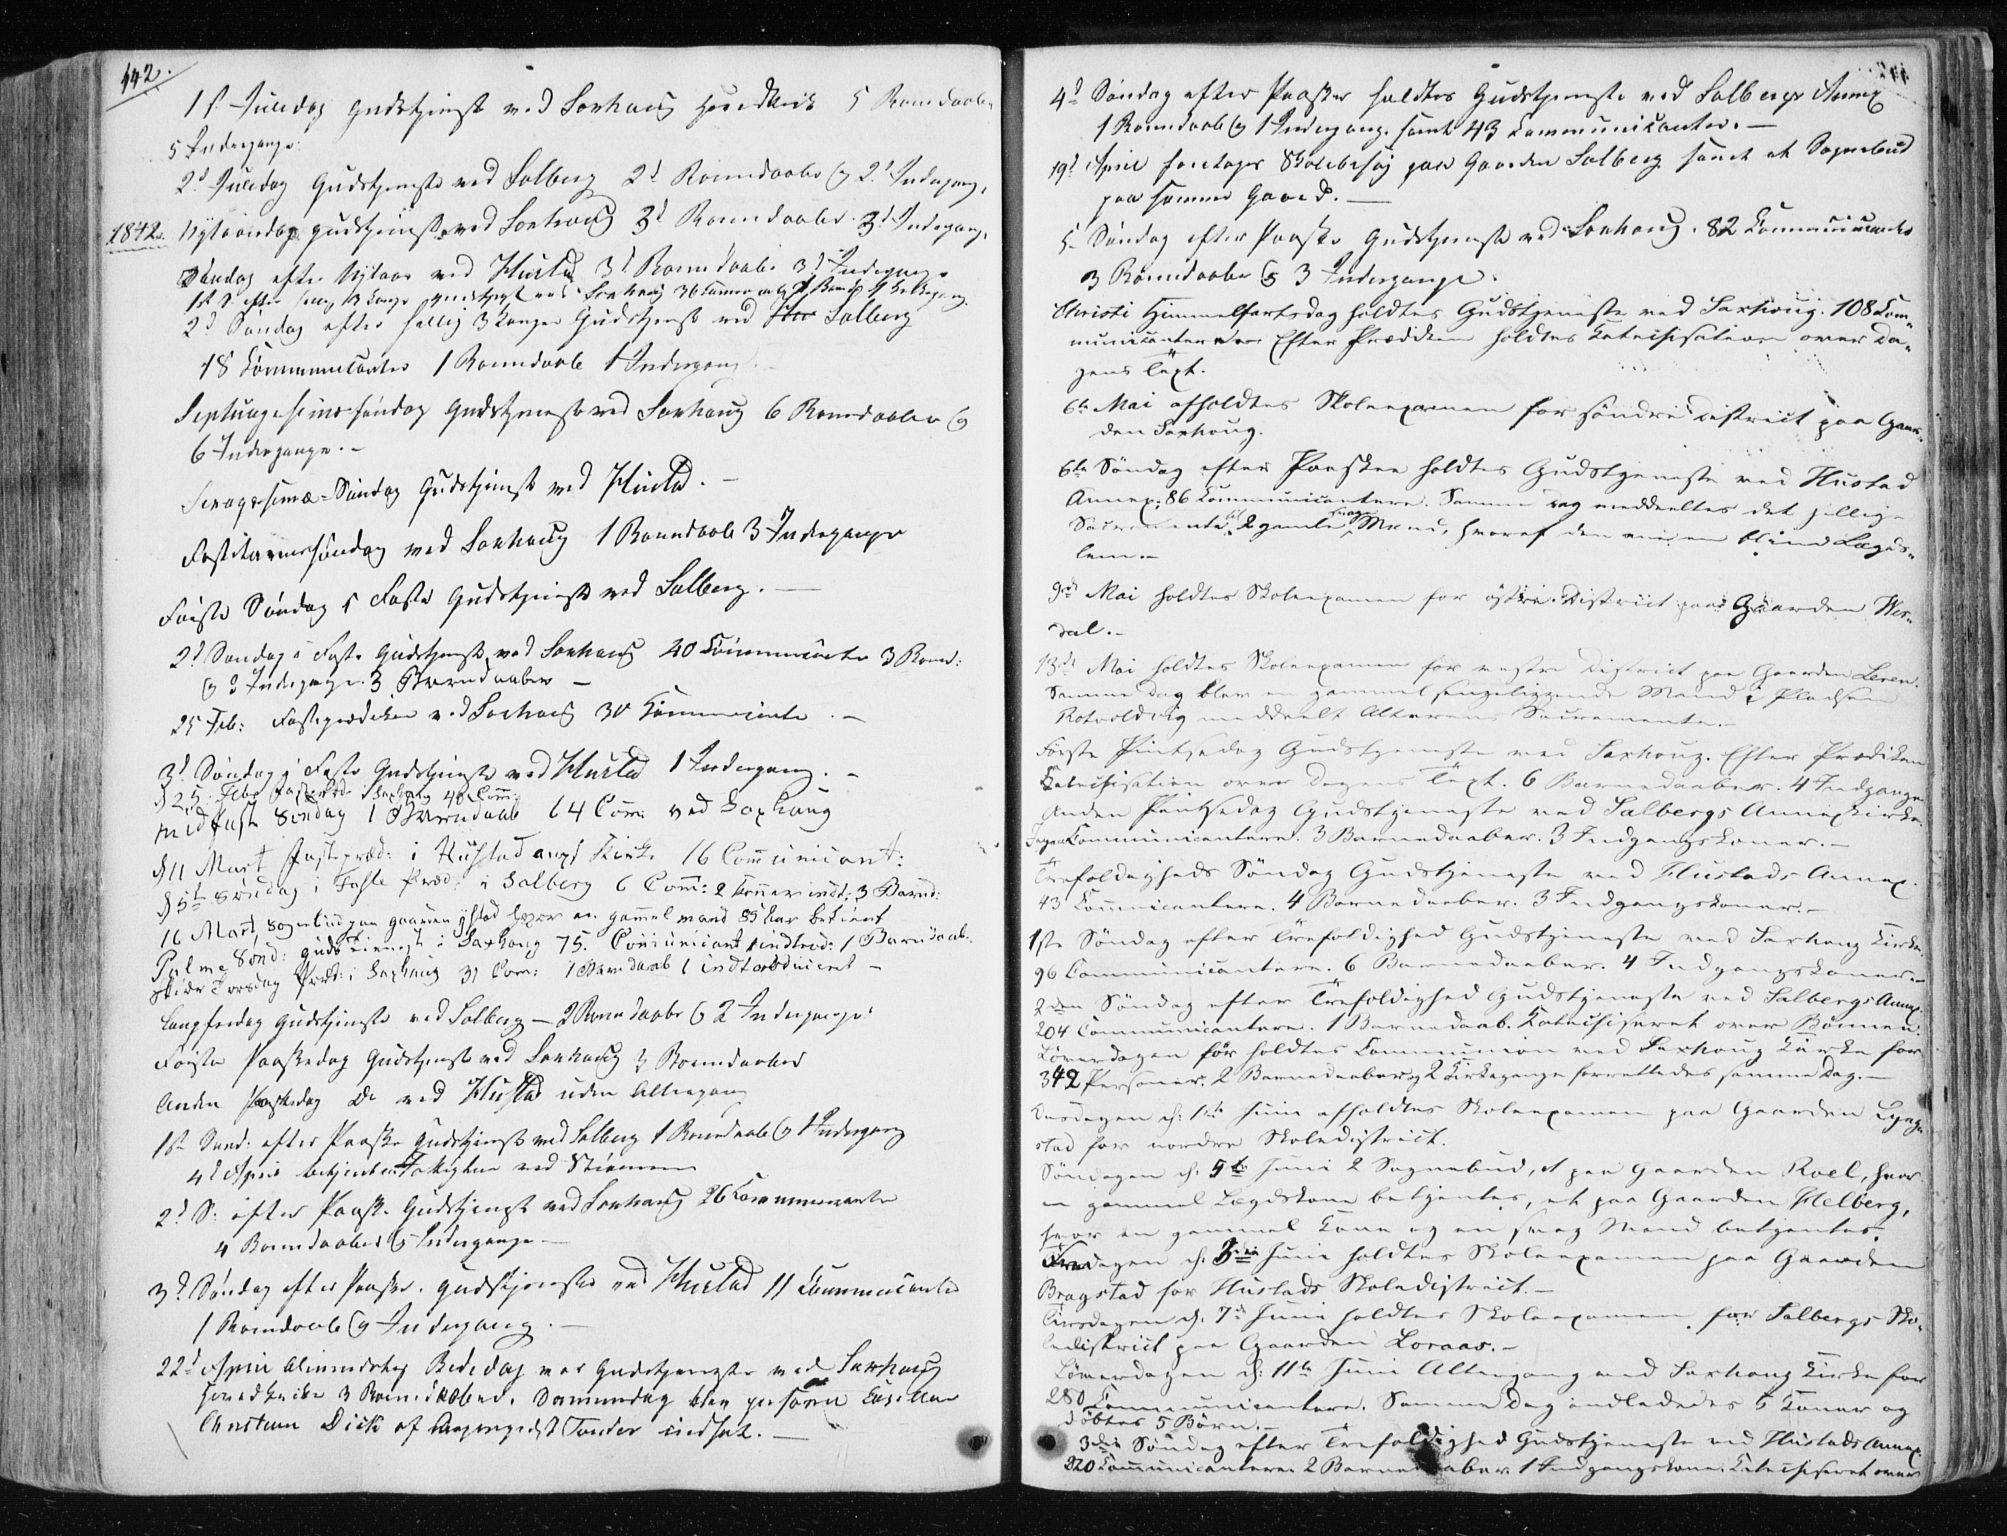 SAT, Ministerialprotokoller, klokkerbøker og fødselsregistre - Nord-Trøndelag, 730/L0280: Ministerialbok nr. 730A07 /1, 1840-1854, s. 442